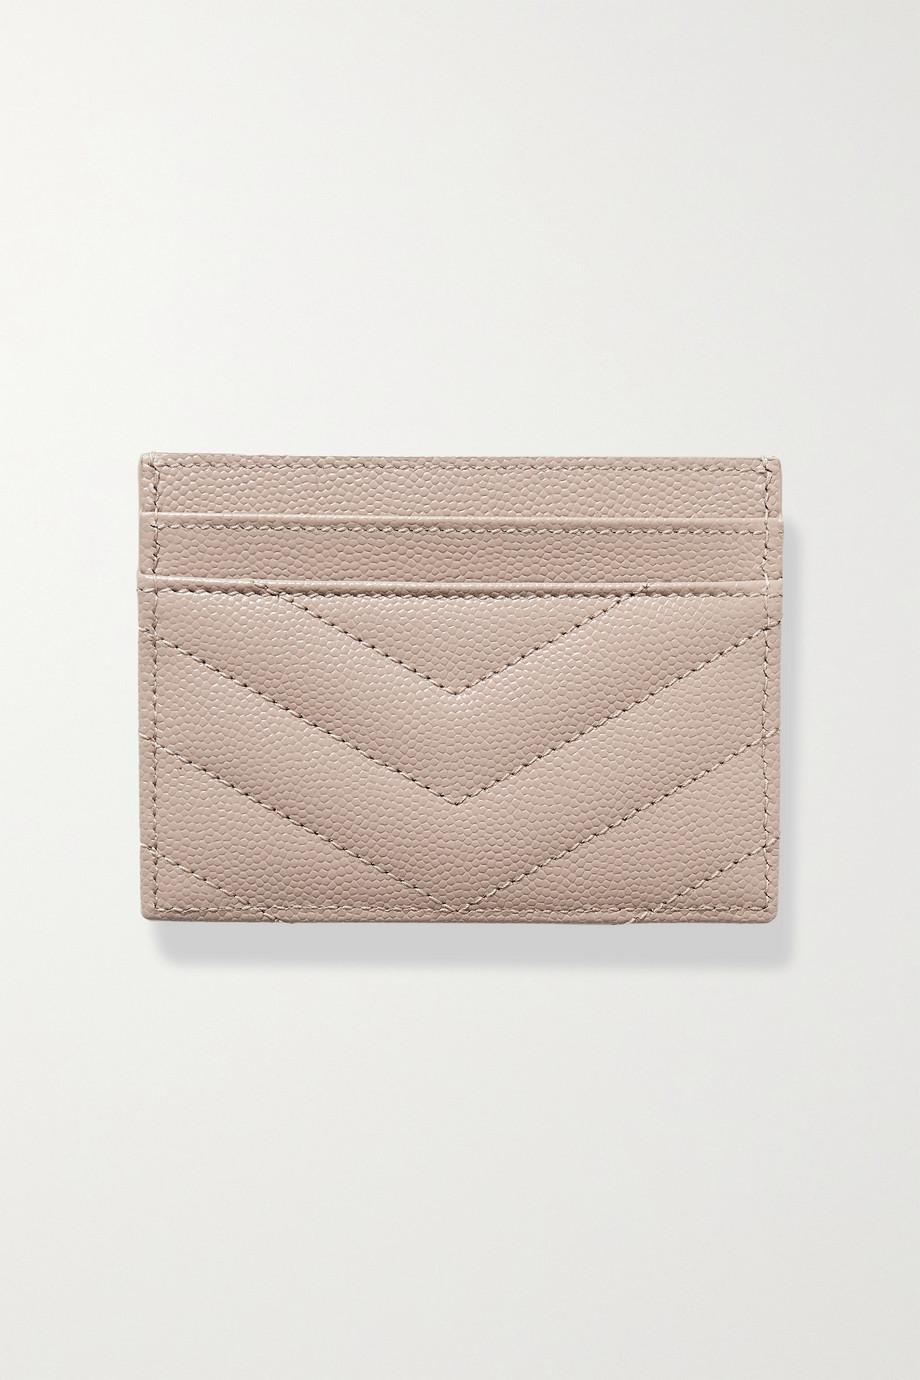 SAINT LAURENT Porte-cartes en cuir texturé matelassé Monogramme